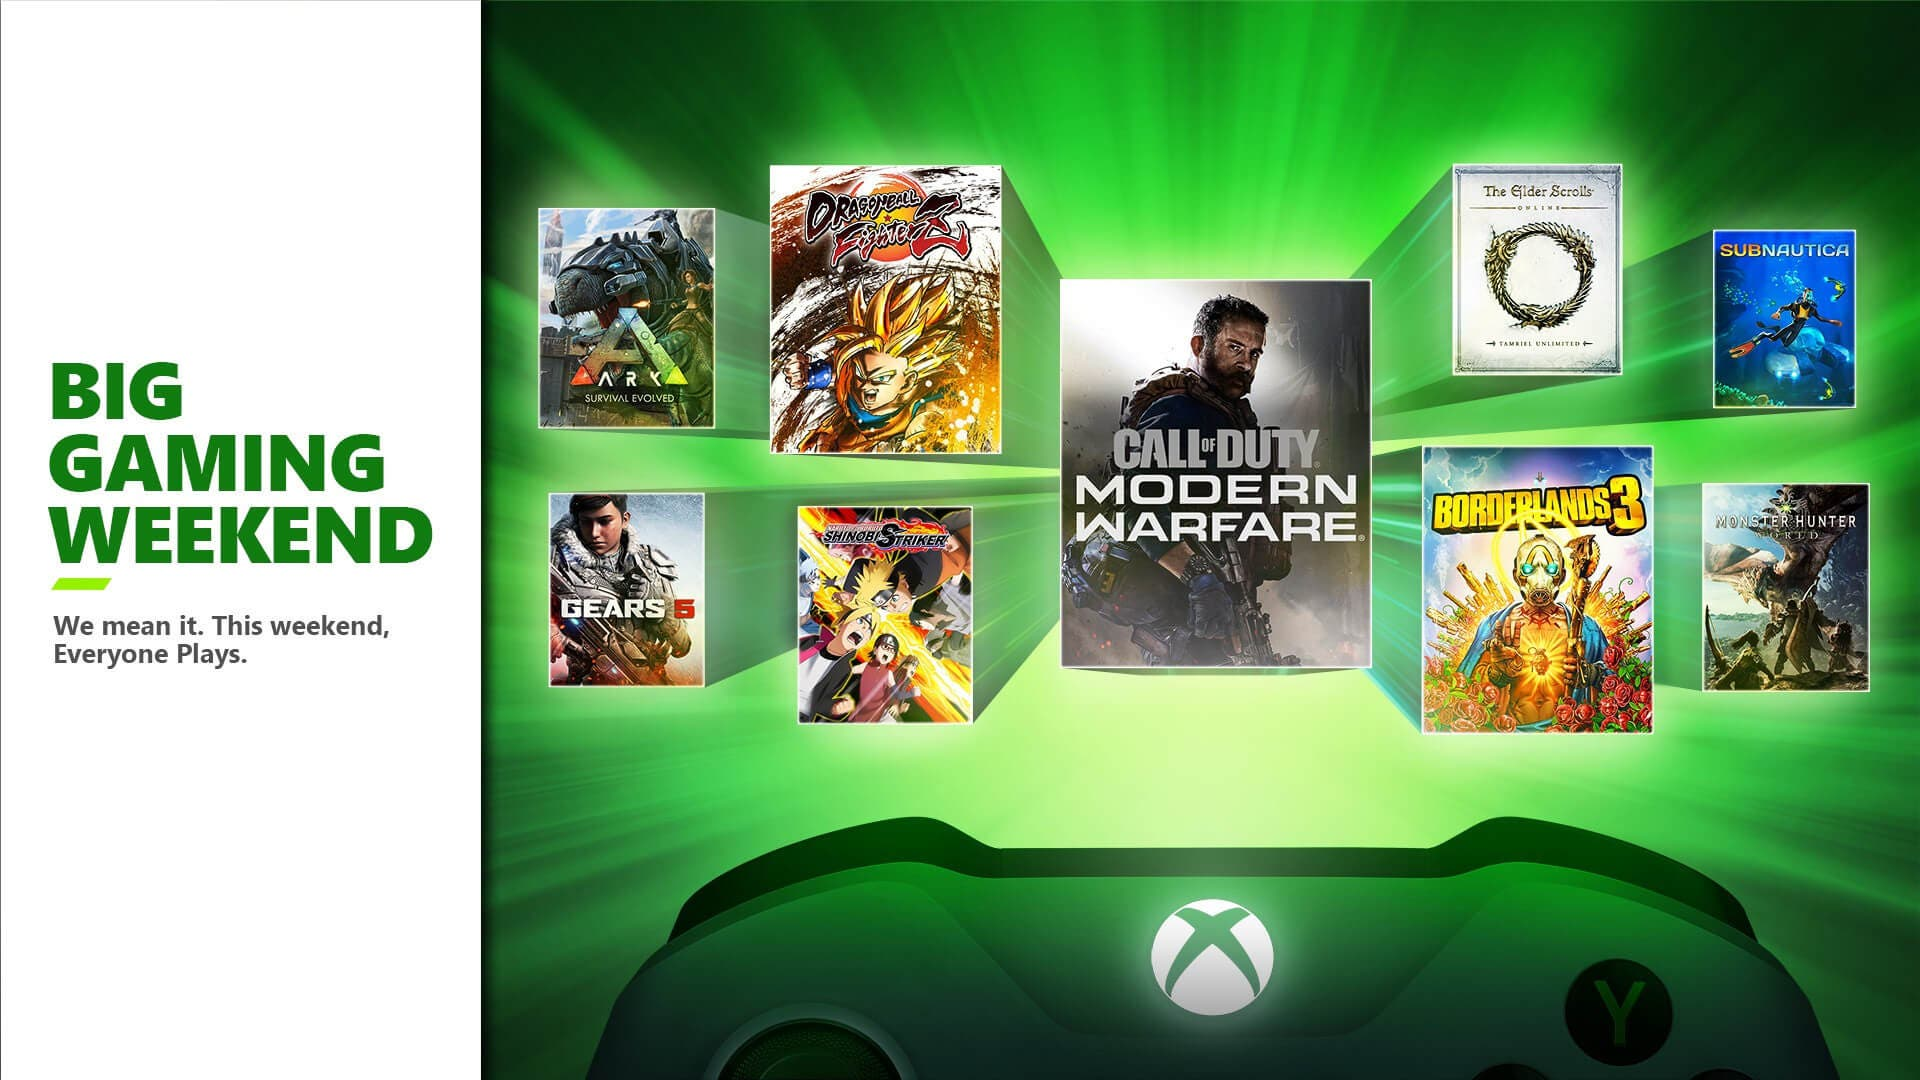 Big Gaming Weekend a Xbox One y PC con 10 juegos gratis sin necesidad de Gold o Game Pass